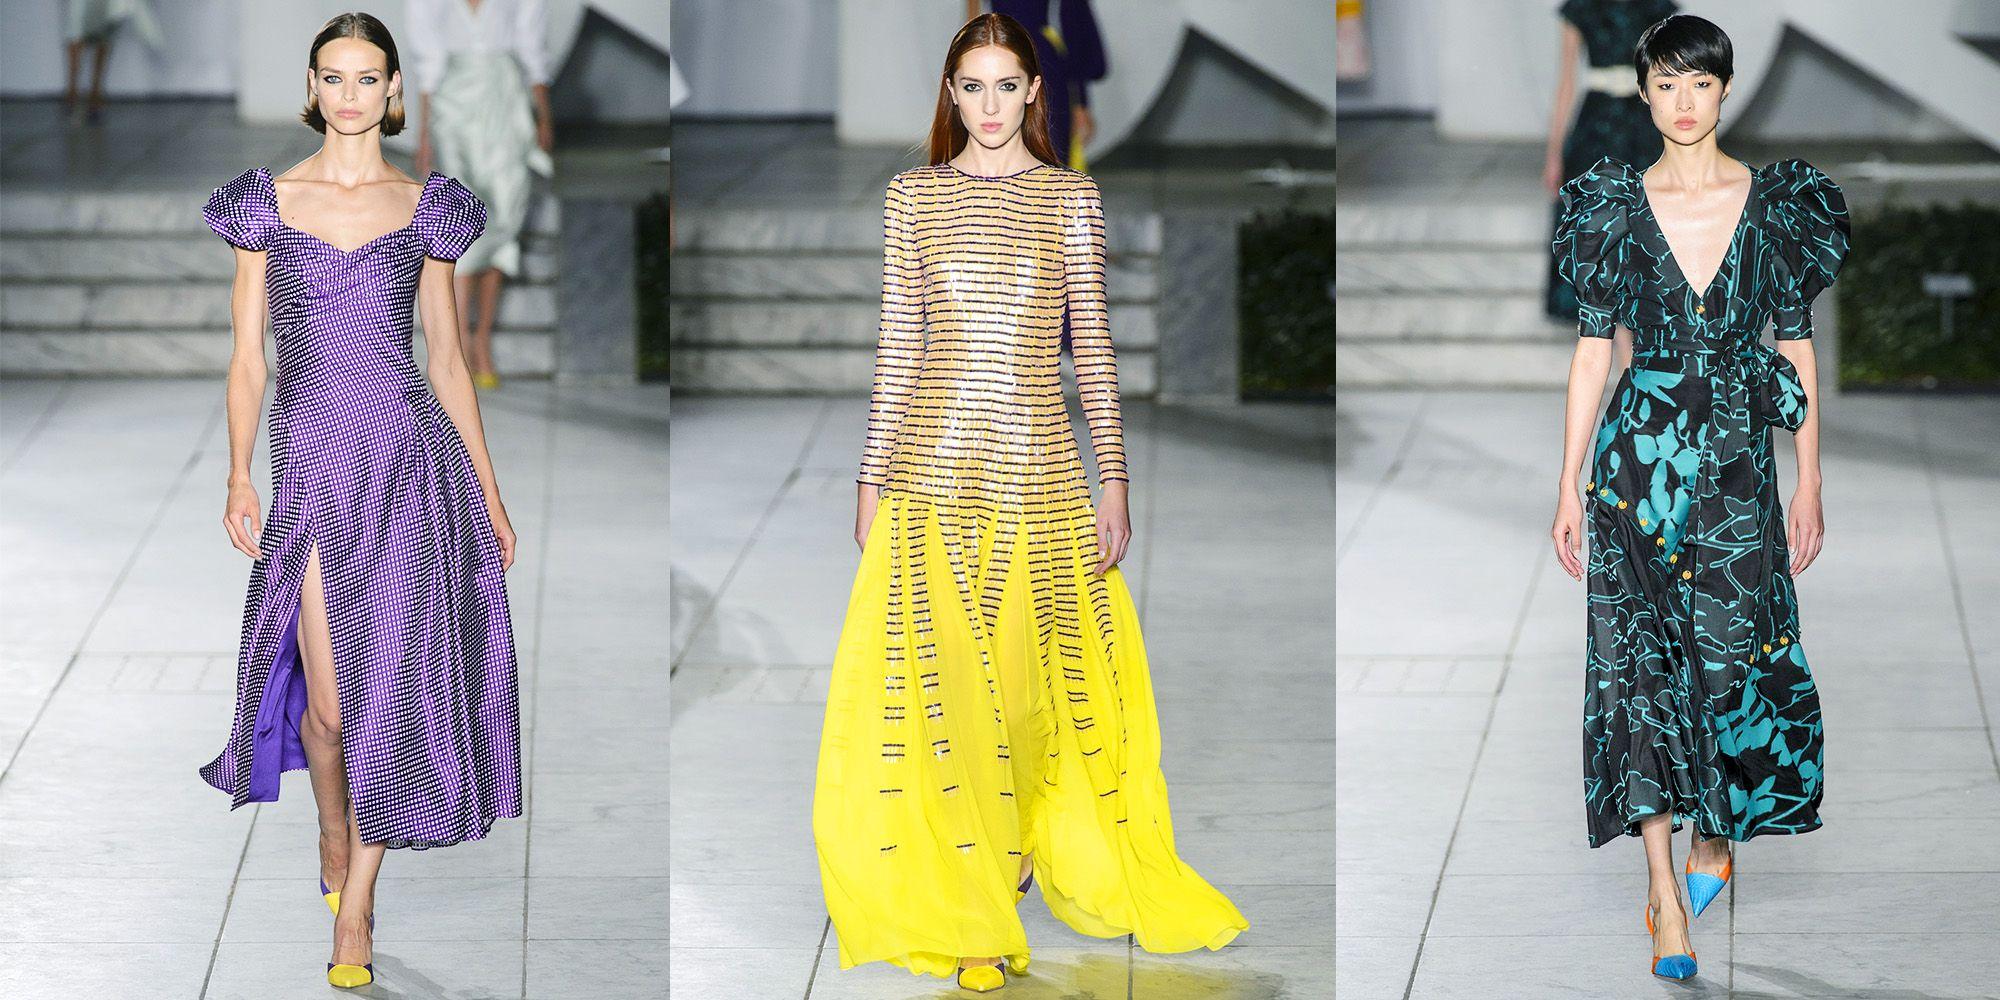 Carolina herrera spring 2018 fashion show